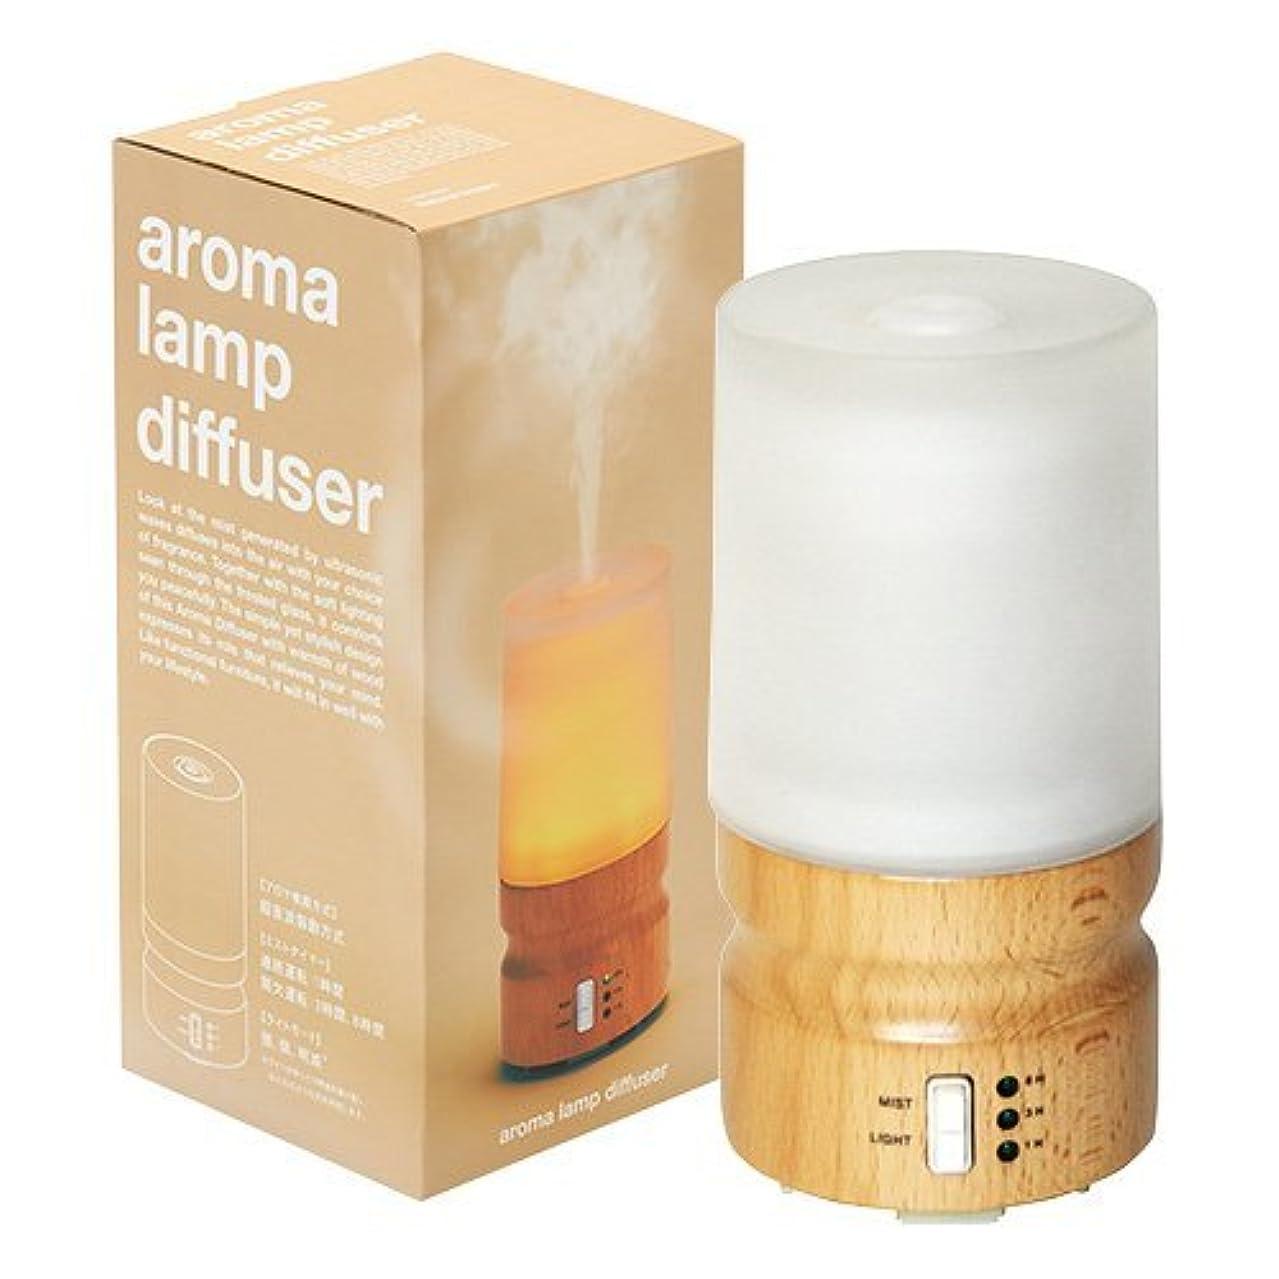 達成食事を調理する郊外アロマランプディフューザーaroma lamp diffuer【タイマー付】【保証書付(6ヶ月)】【カラー:ナチュラルブラウン】